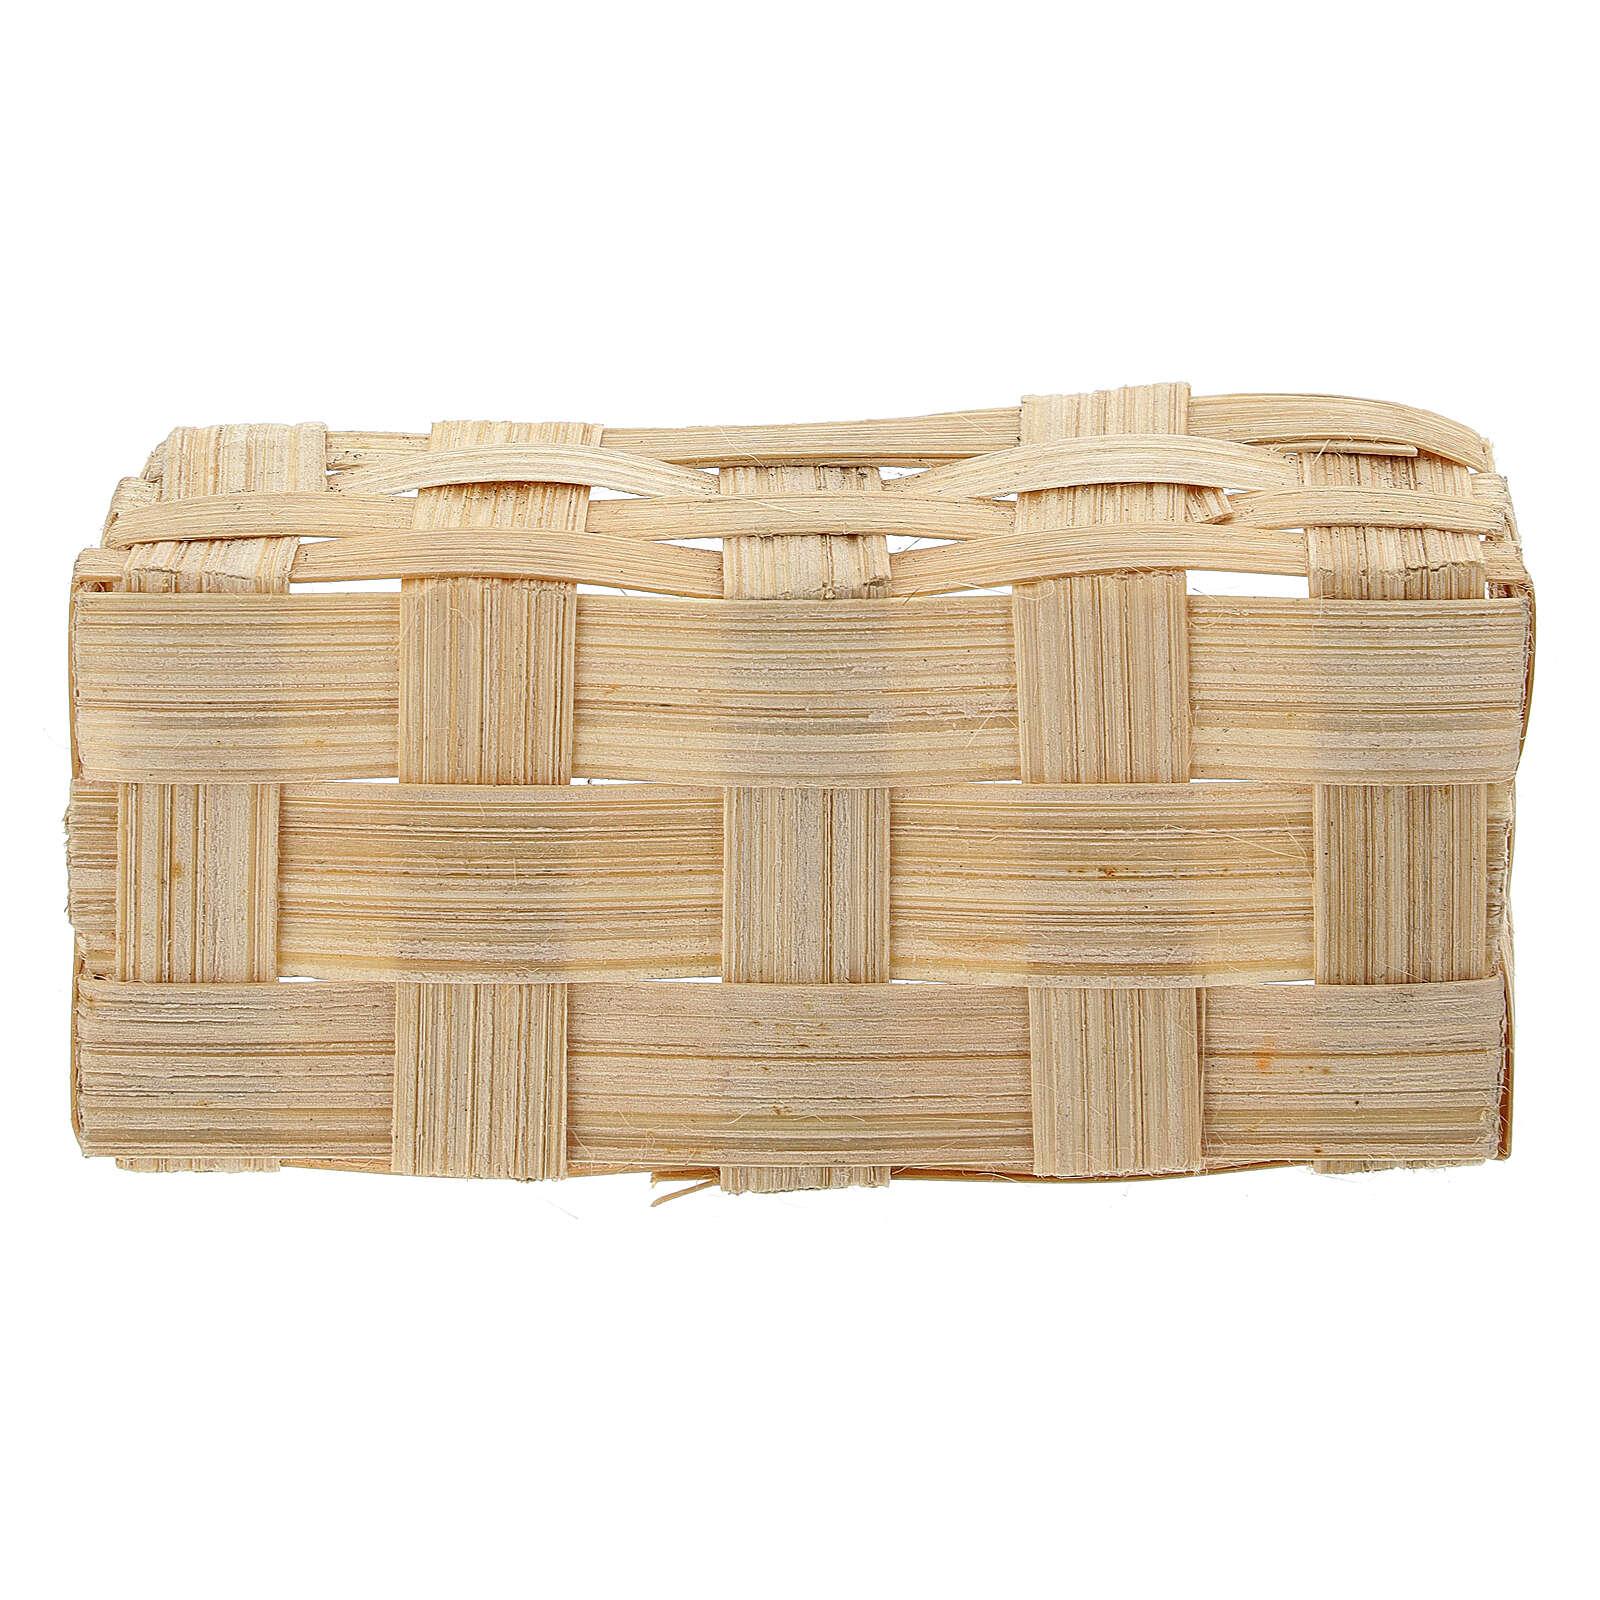 Rectangular basket 5x10x5 cm Nativity scene 10-12 cm 4